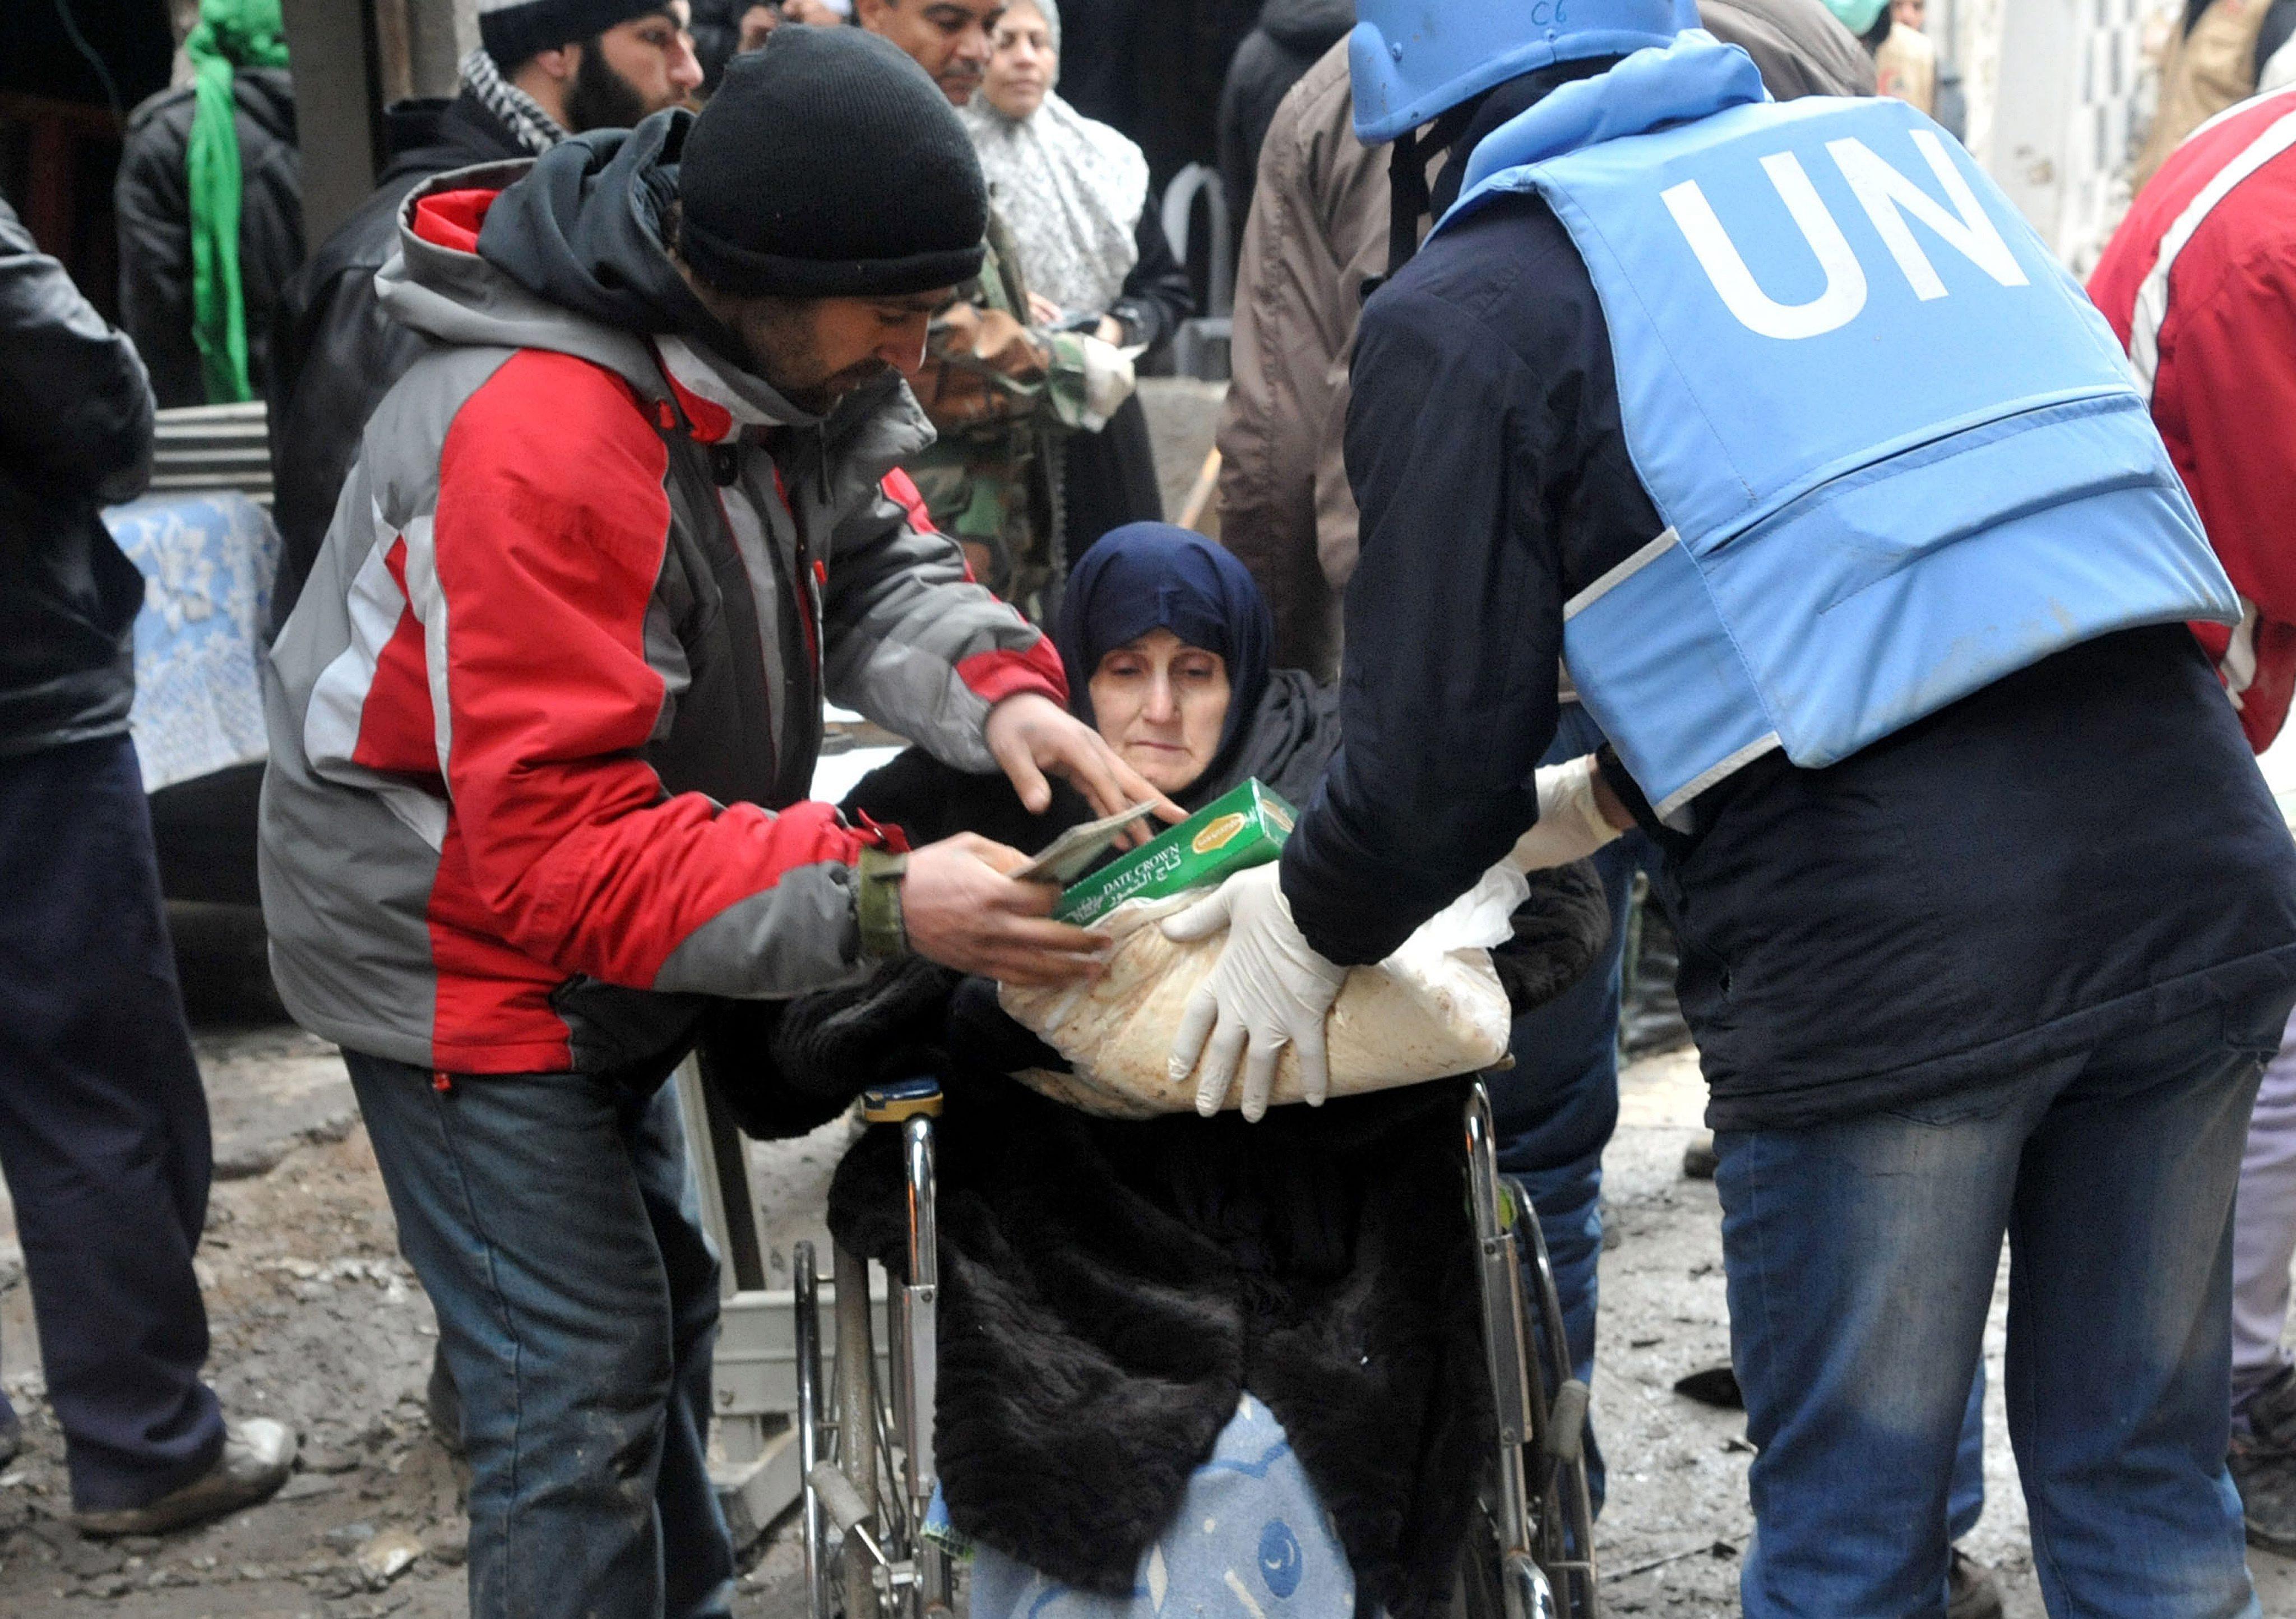 الصورة بتاريخ 4/2/2014 لموظف من الأمم المتحدة يقدم مساعدات لسيدة مسنة في مخيم اليرموك في دمشق